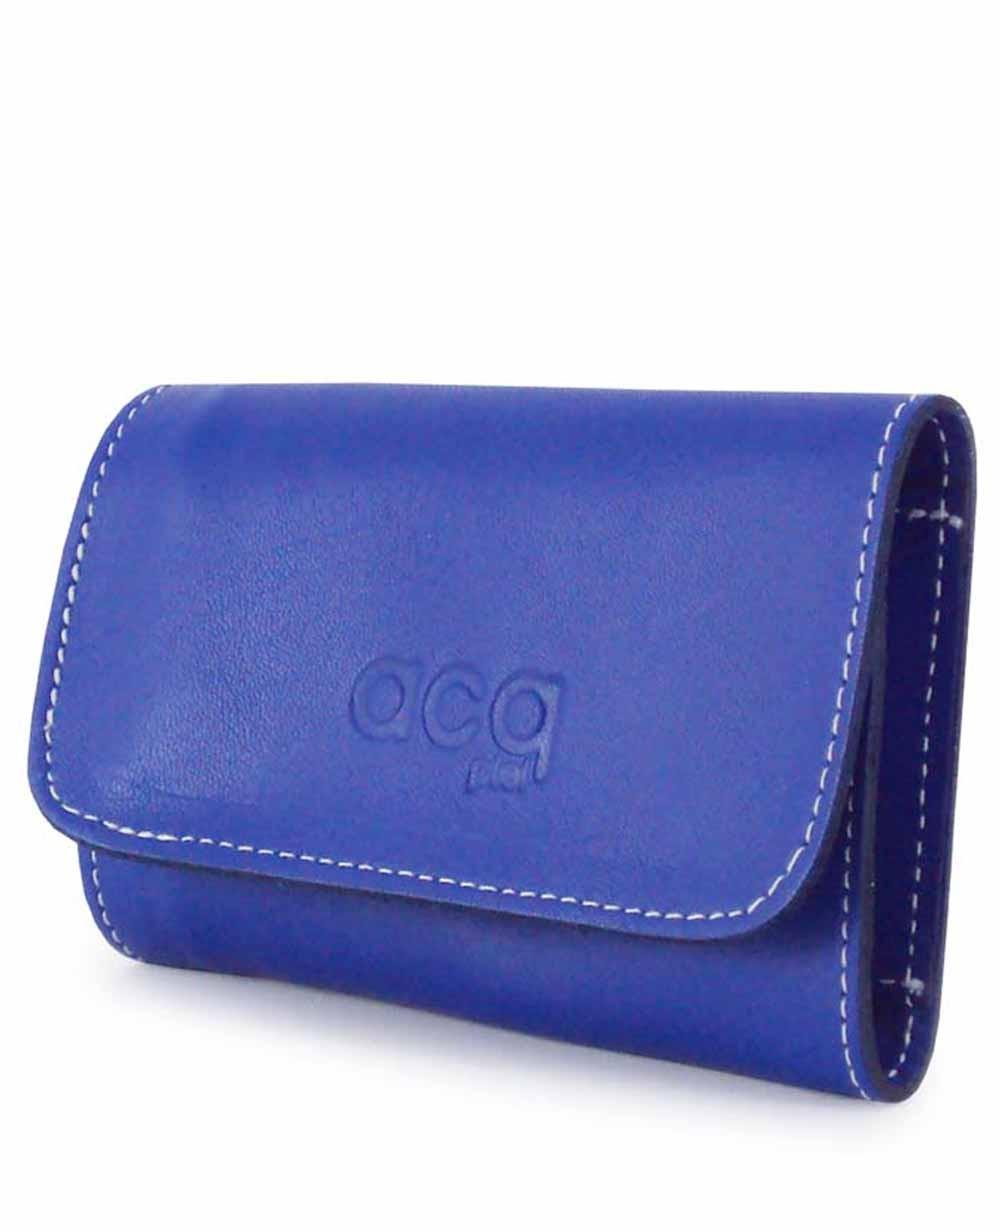 Acq Llavero Piel Azul (Foto )